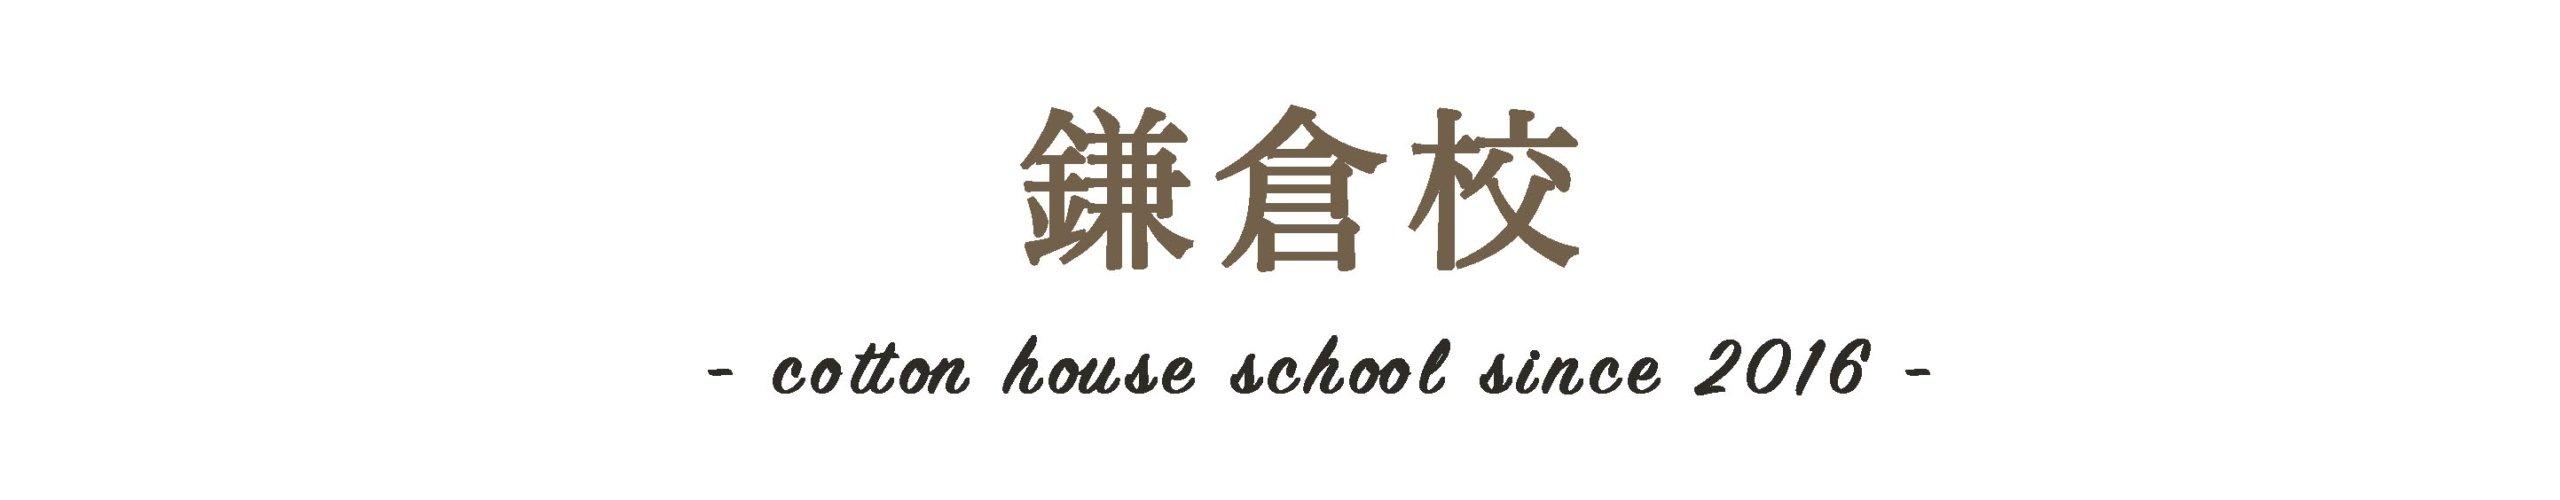 鎌倉校コットンハウス